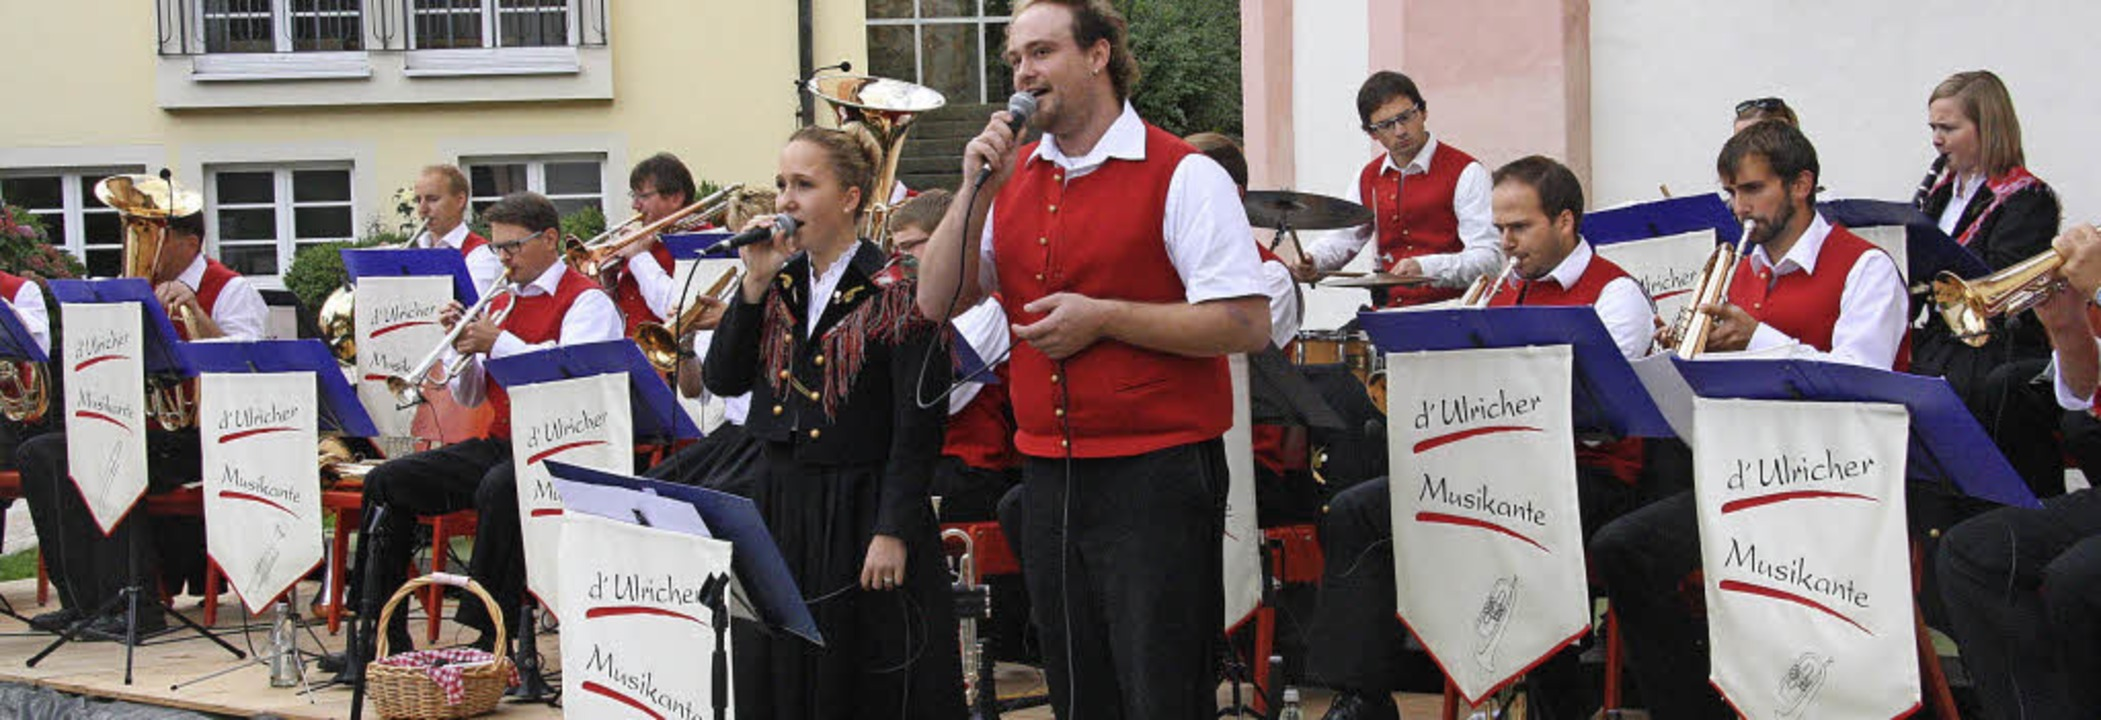 Fröhlich grüßte das Gesangsduo Julia u...Musikanten aus dem schönen Egerländle.    Foto: Hans Jürgen Kugler